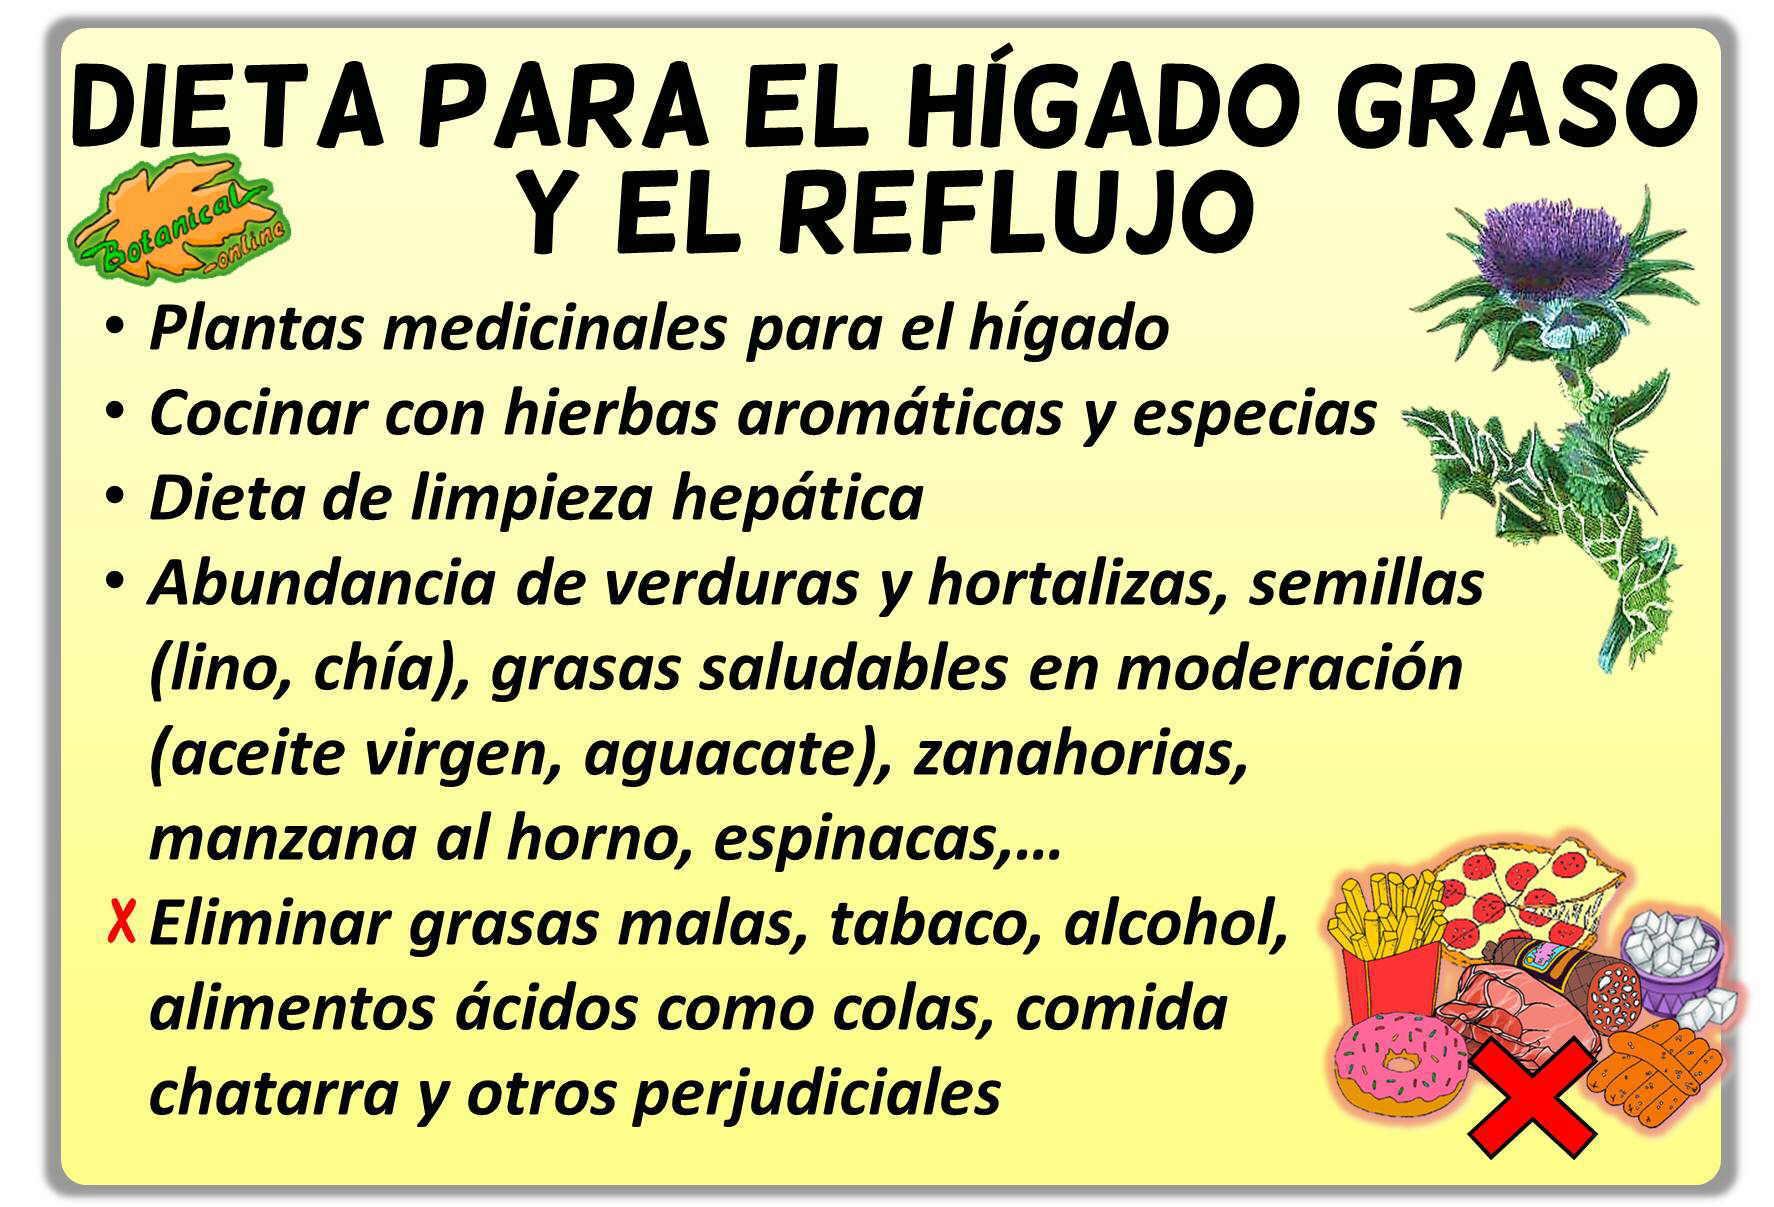 Tratamiento h gado graso y reflujo - Alimentos que curan el higado ...